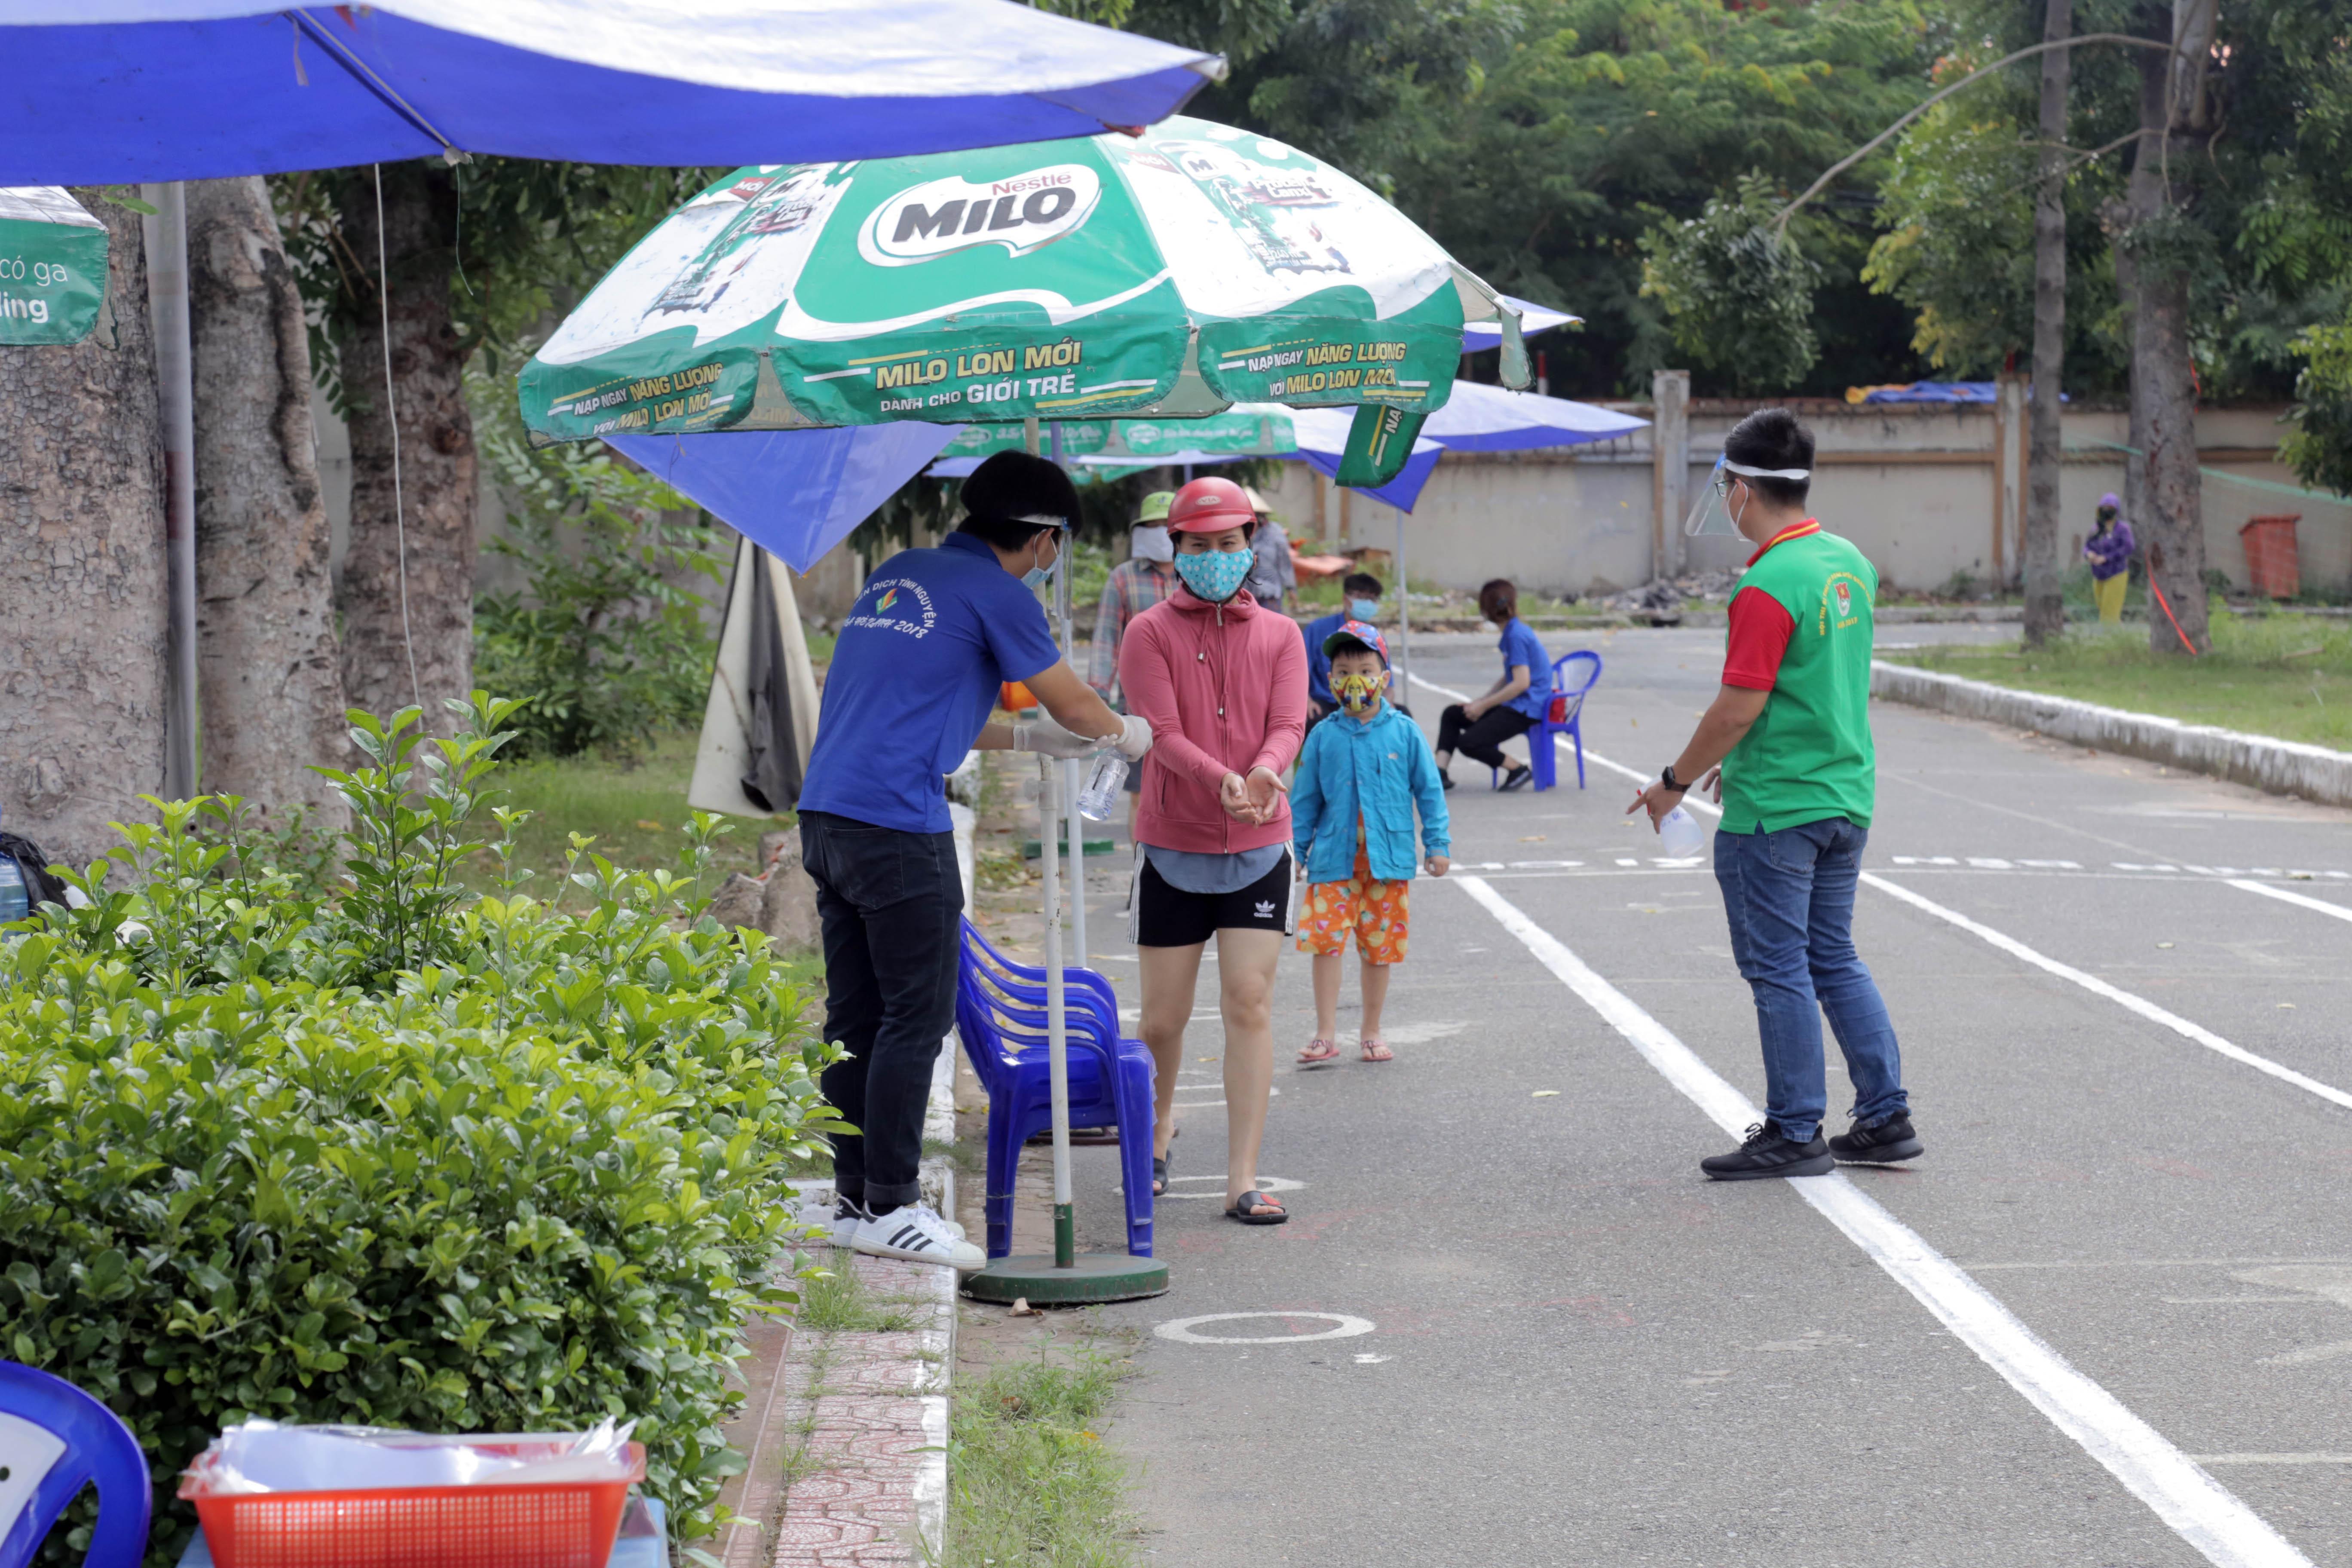 """""""ATM gạo"""" thứ 2 ở Sài Gòn hoạt động trong mùa dịch, bà con khó khăn chỉ cần đến """"máy sẽ tự động nhả gạo"""" - 4"""